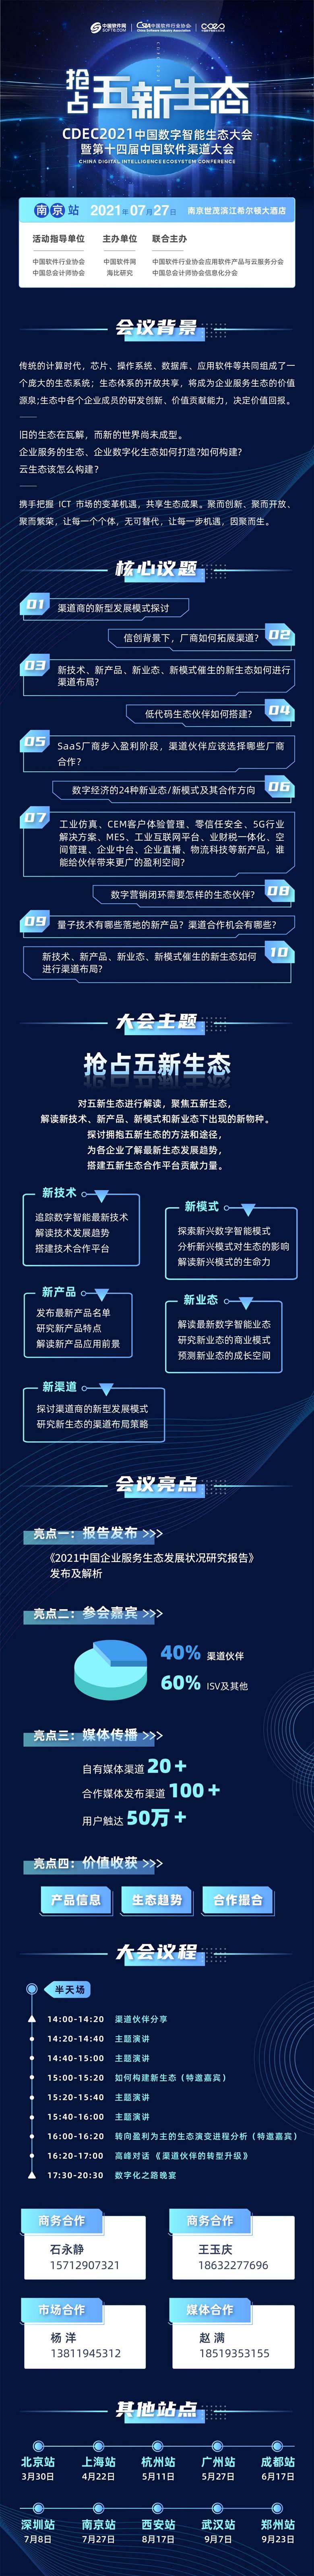 2021cdec长图-南京站-01.jpg